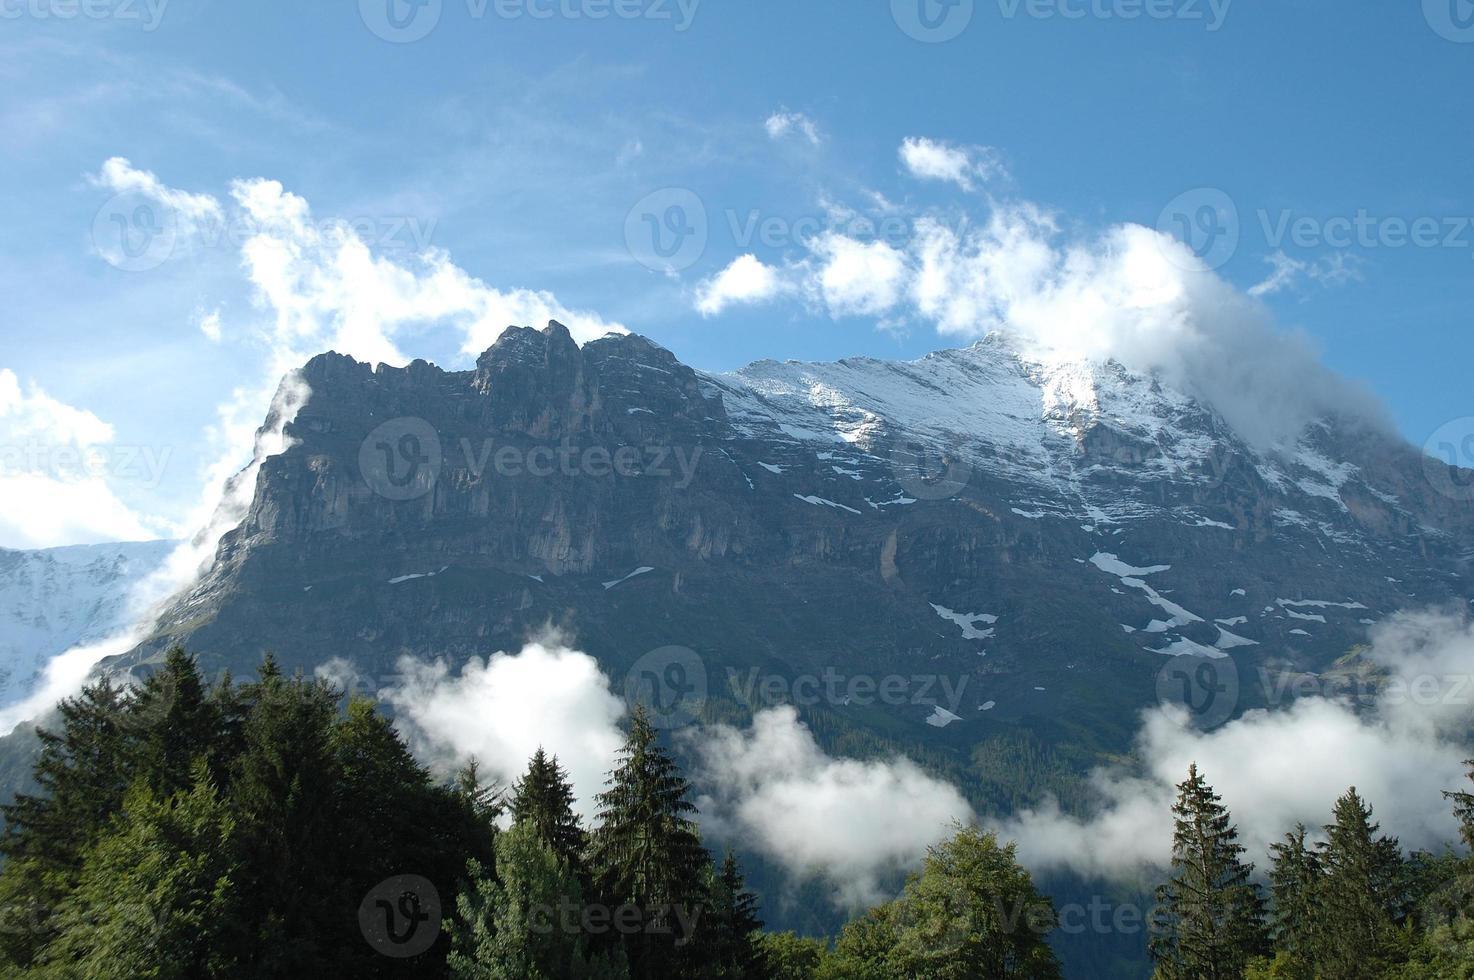 pico de cume e eiger em nuvens nas proximidades de grindelwald na suíça foto